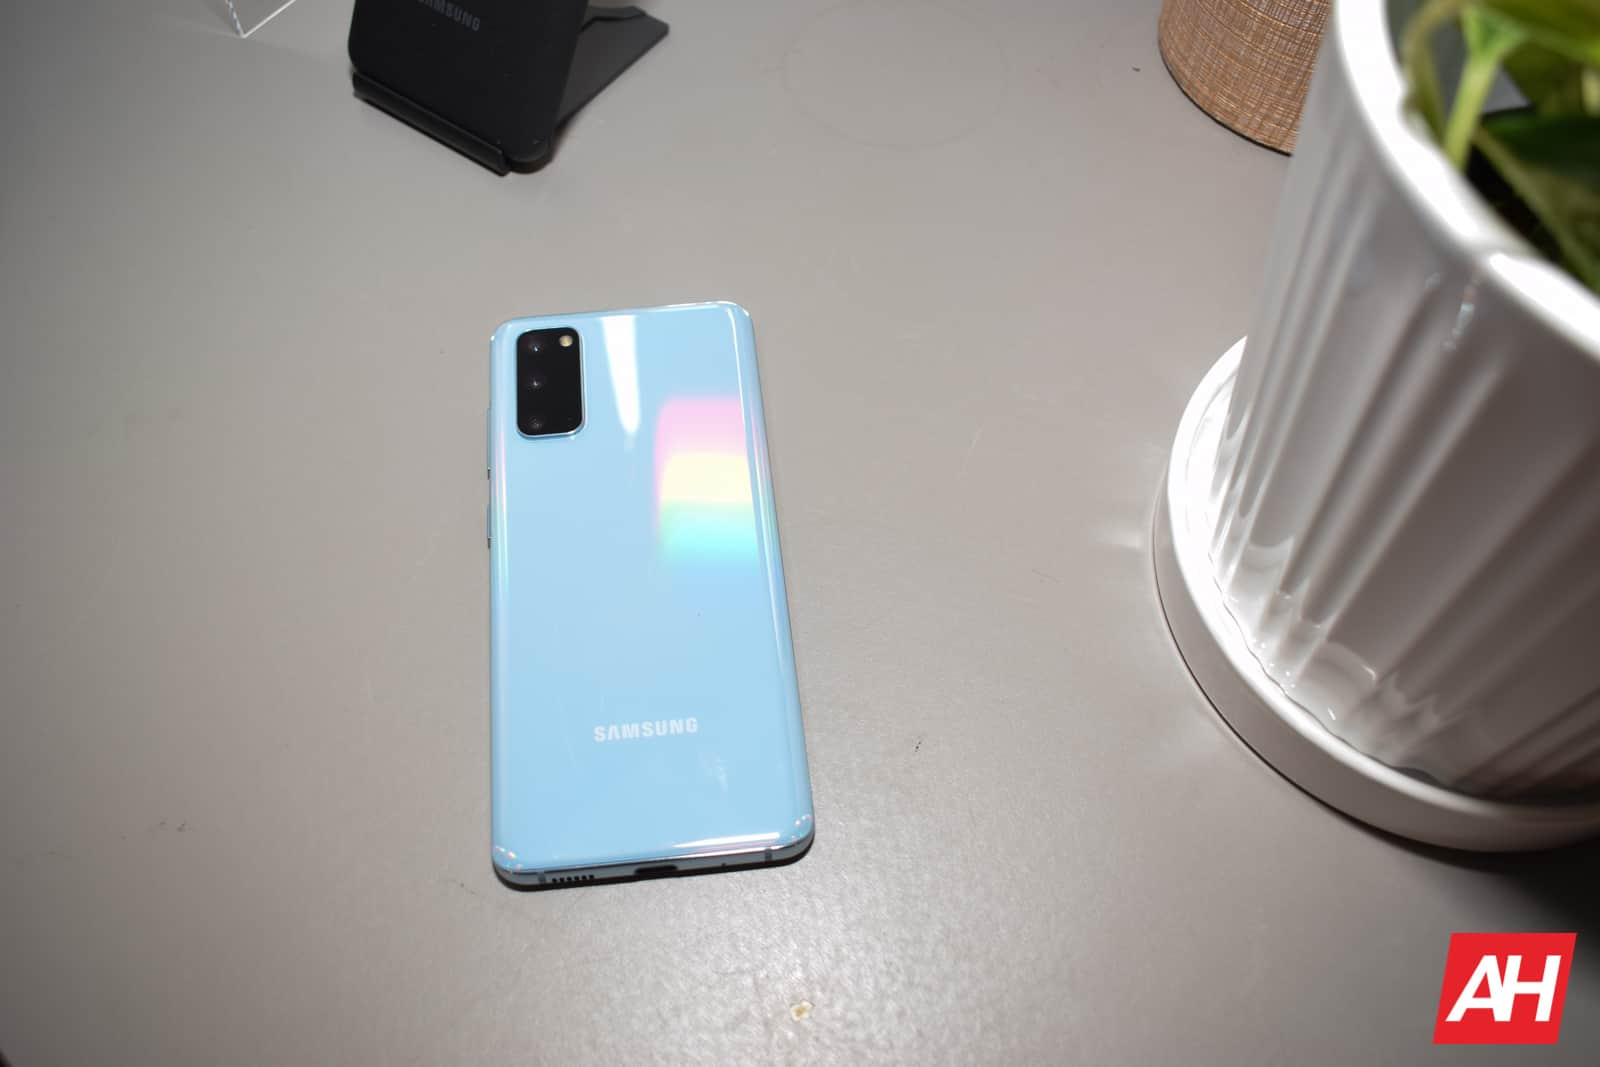 Samsung Galaxy S20 AM AH 4